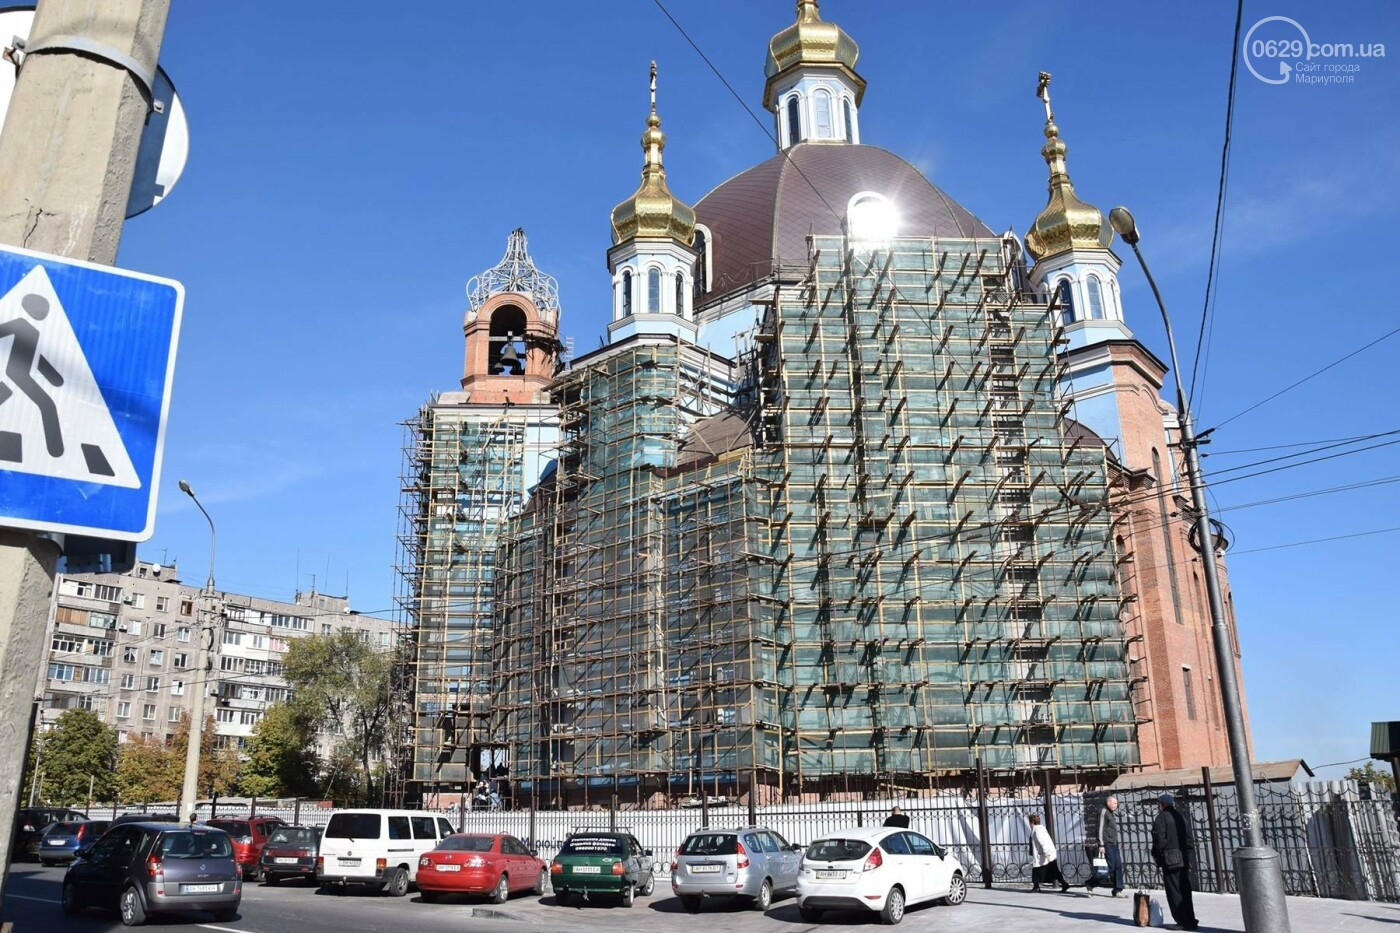 В Мариуполе православные христиане отмечали Покров, - ФОТО, ВИДЕО, фото-7